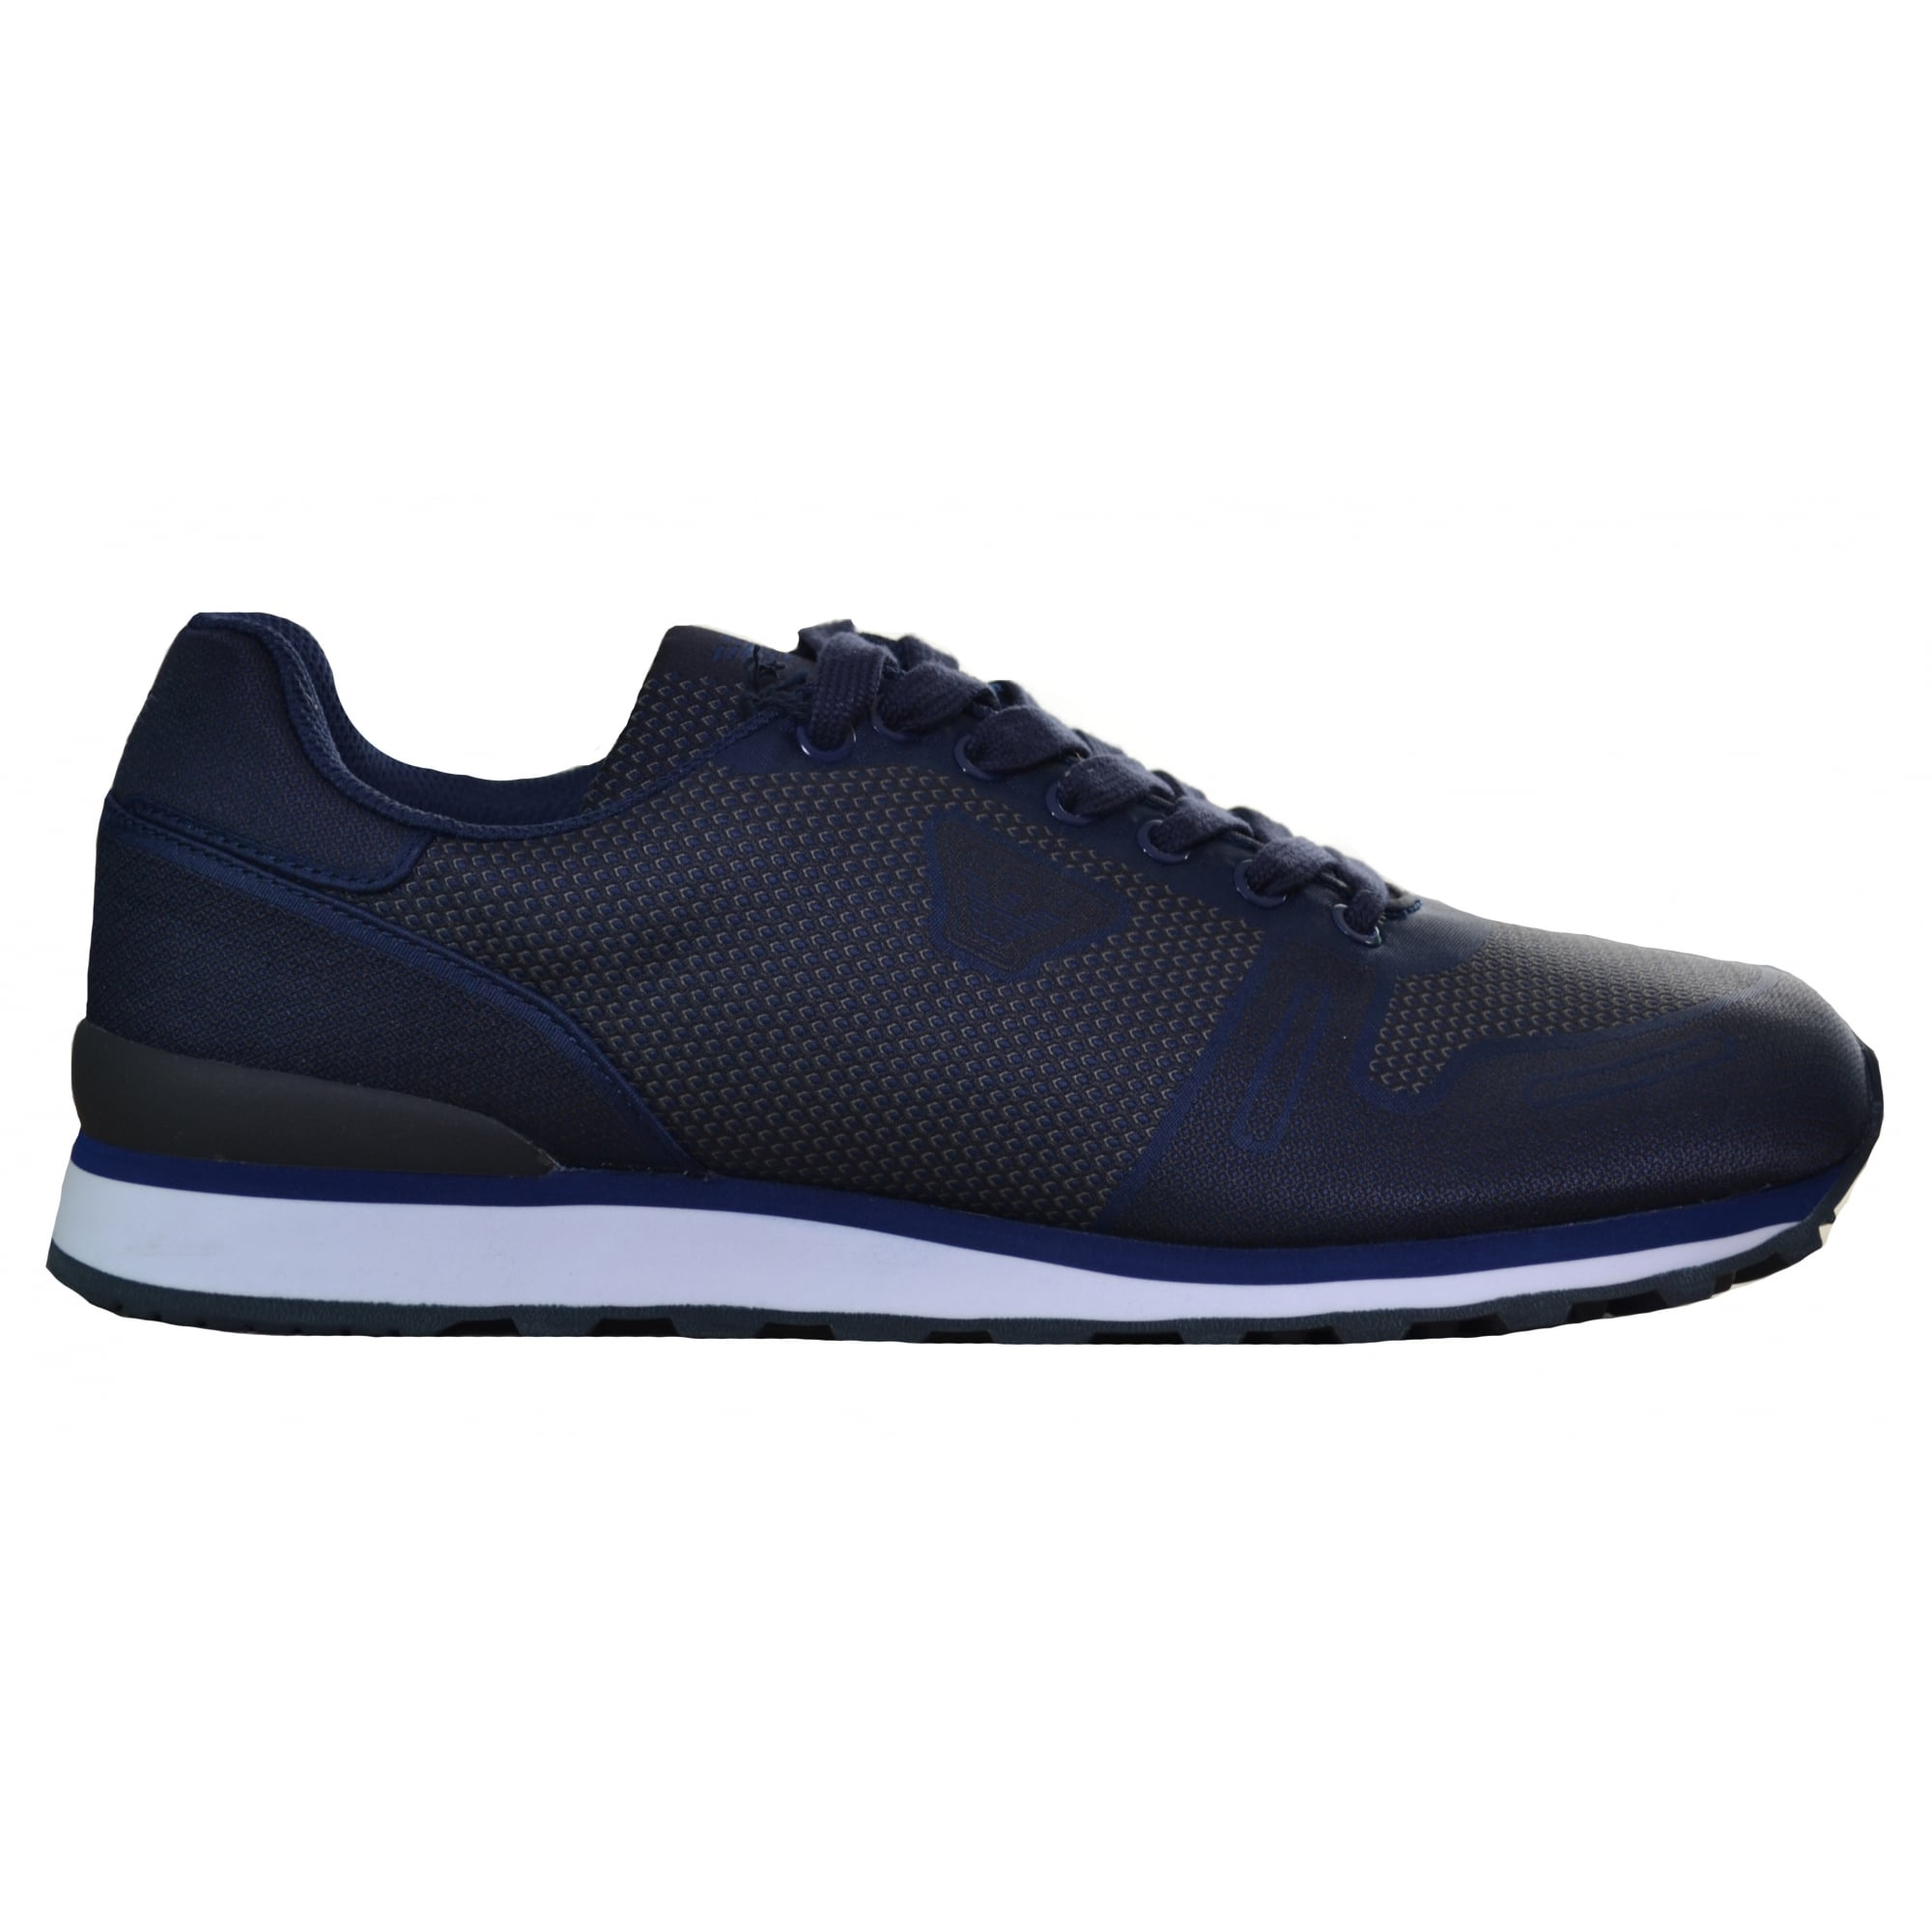 armani jeans men's blue trainers